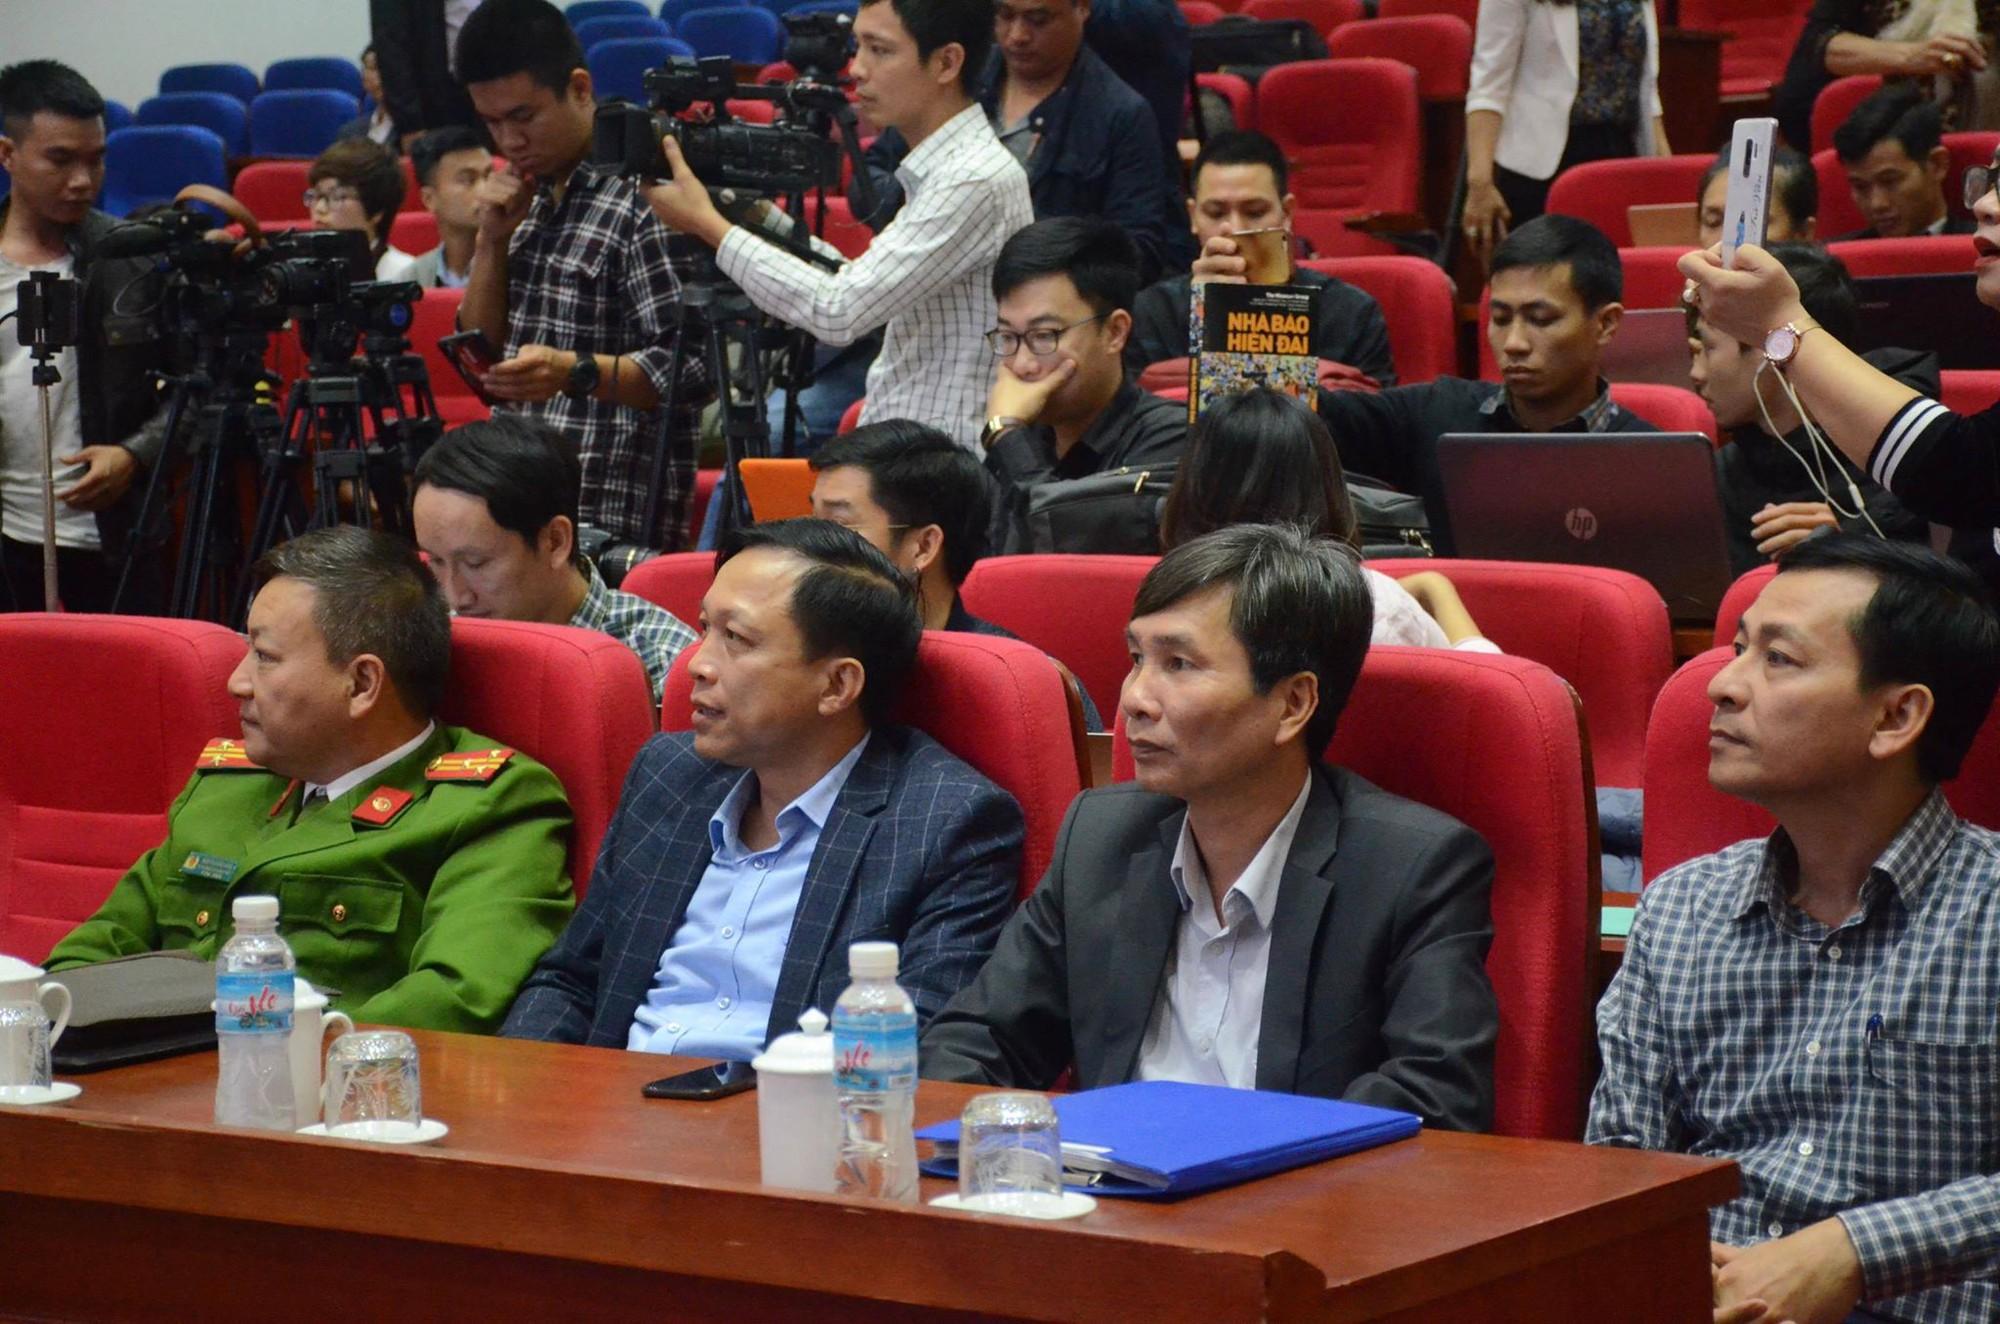 """Họp báo vụ thỉnh vong báo oán"""" tại chùa Ba Vàng: Quảng Ninh phạt bà Phạm Thị Yến 5 triệu đồng vì vi phạm-5"""